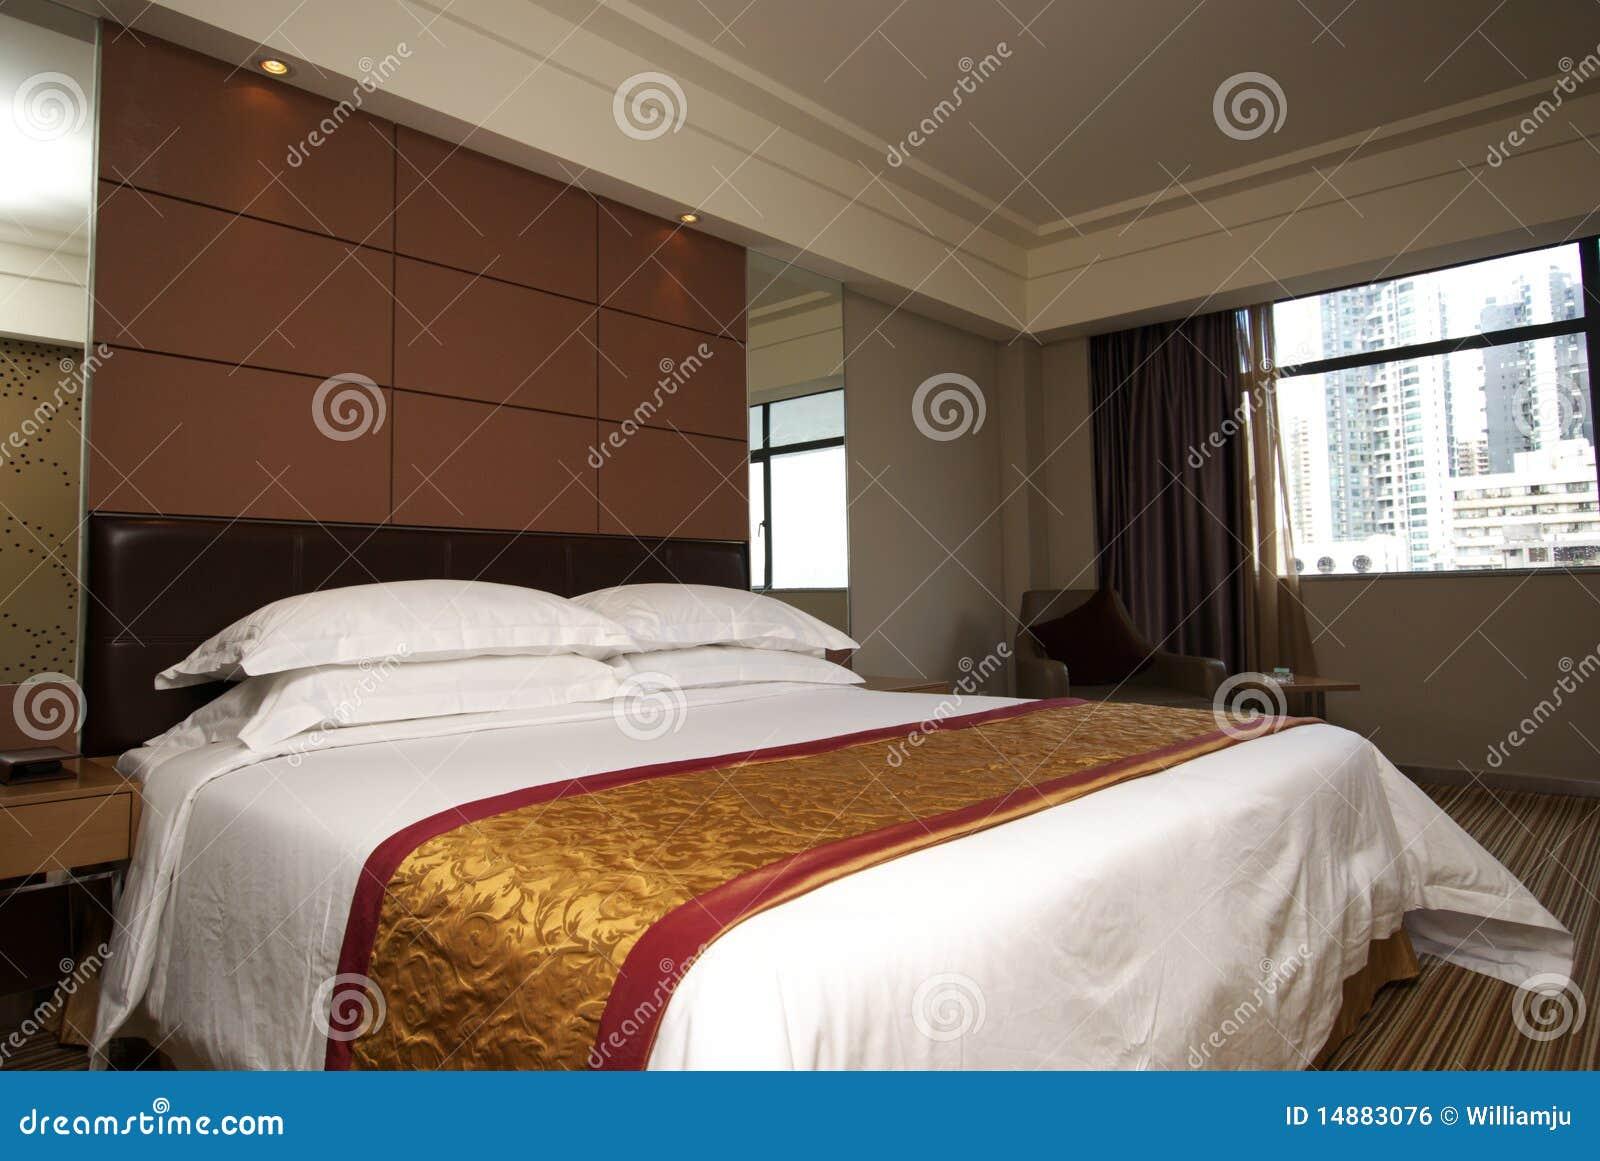 De ruimte van het hotel royalty vrije stock afbeelding afbeelding 14883076 - Ruimte van het meisje parket ...